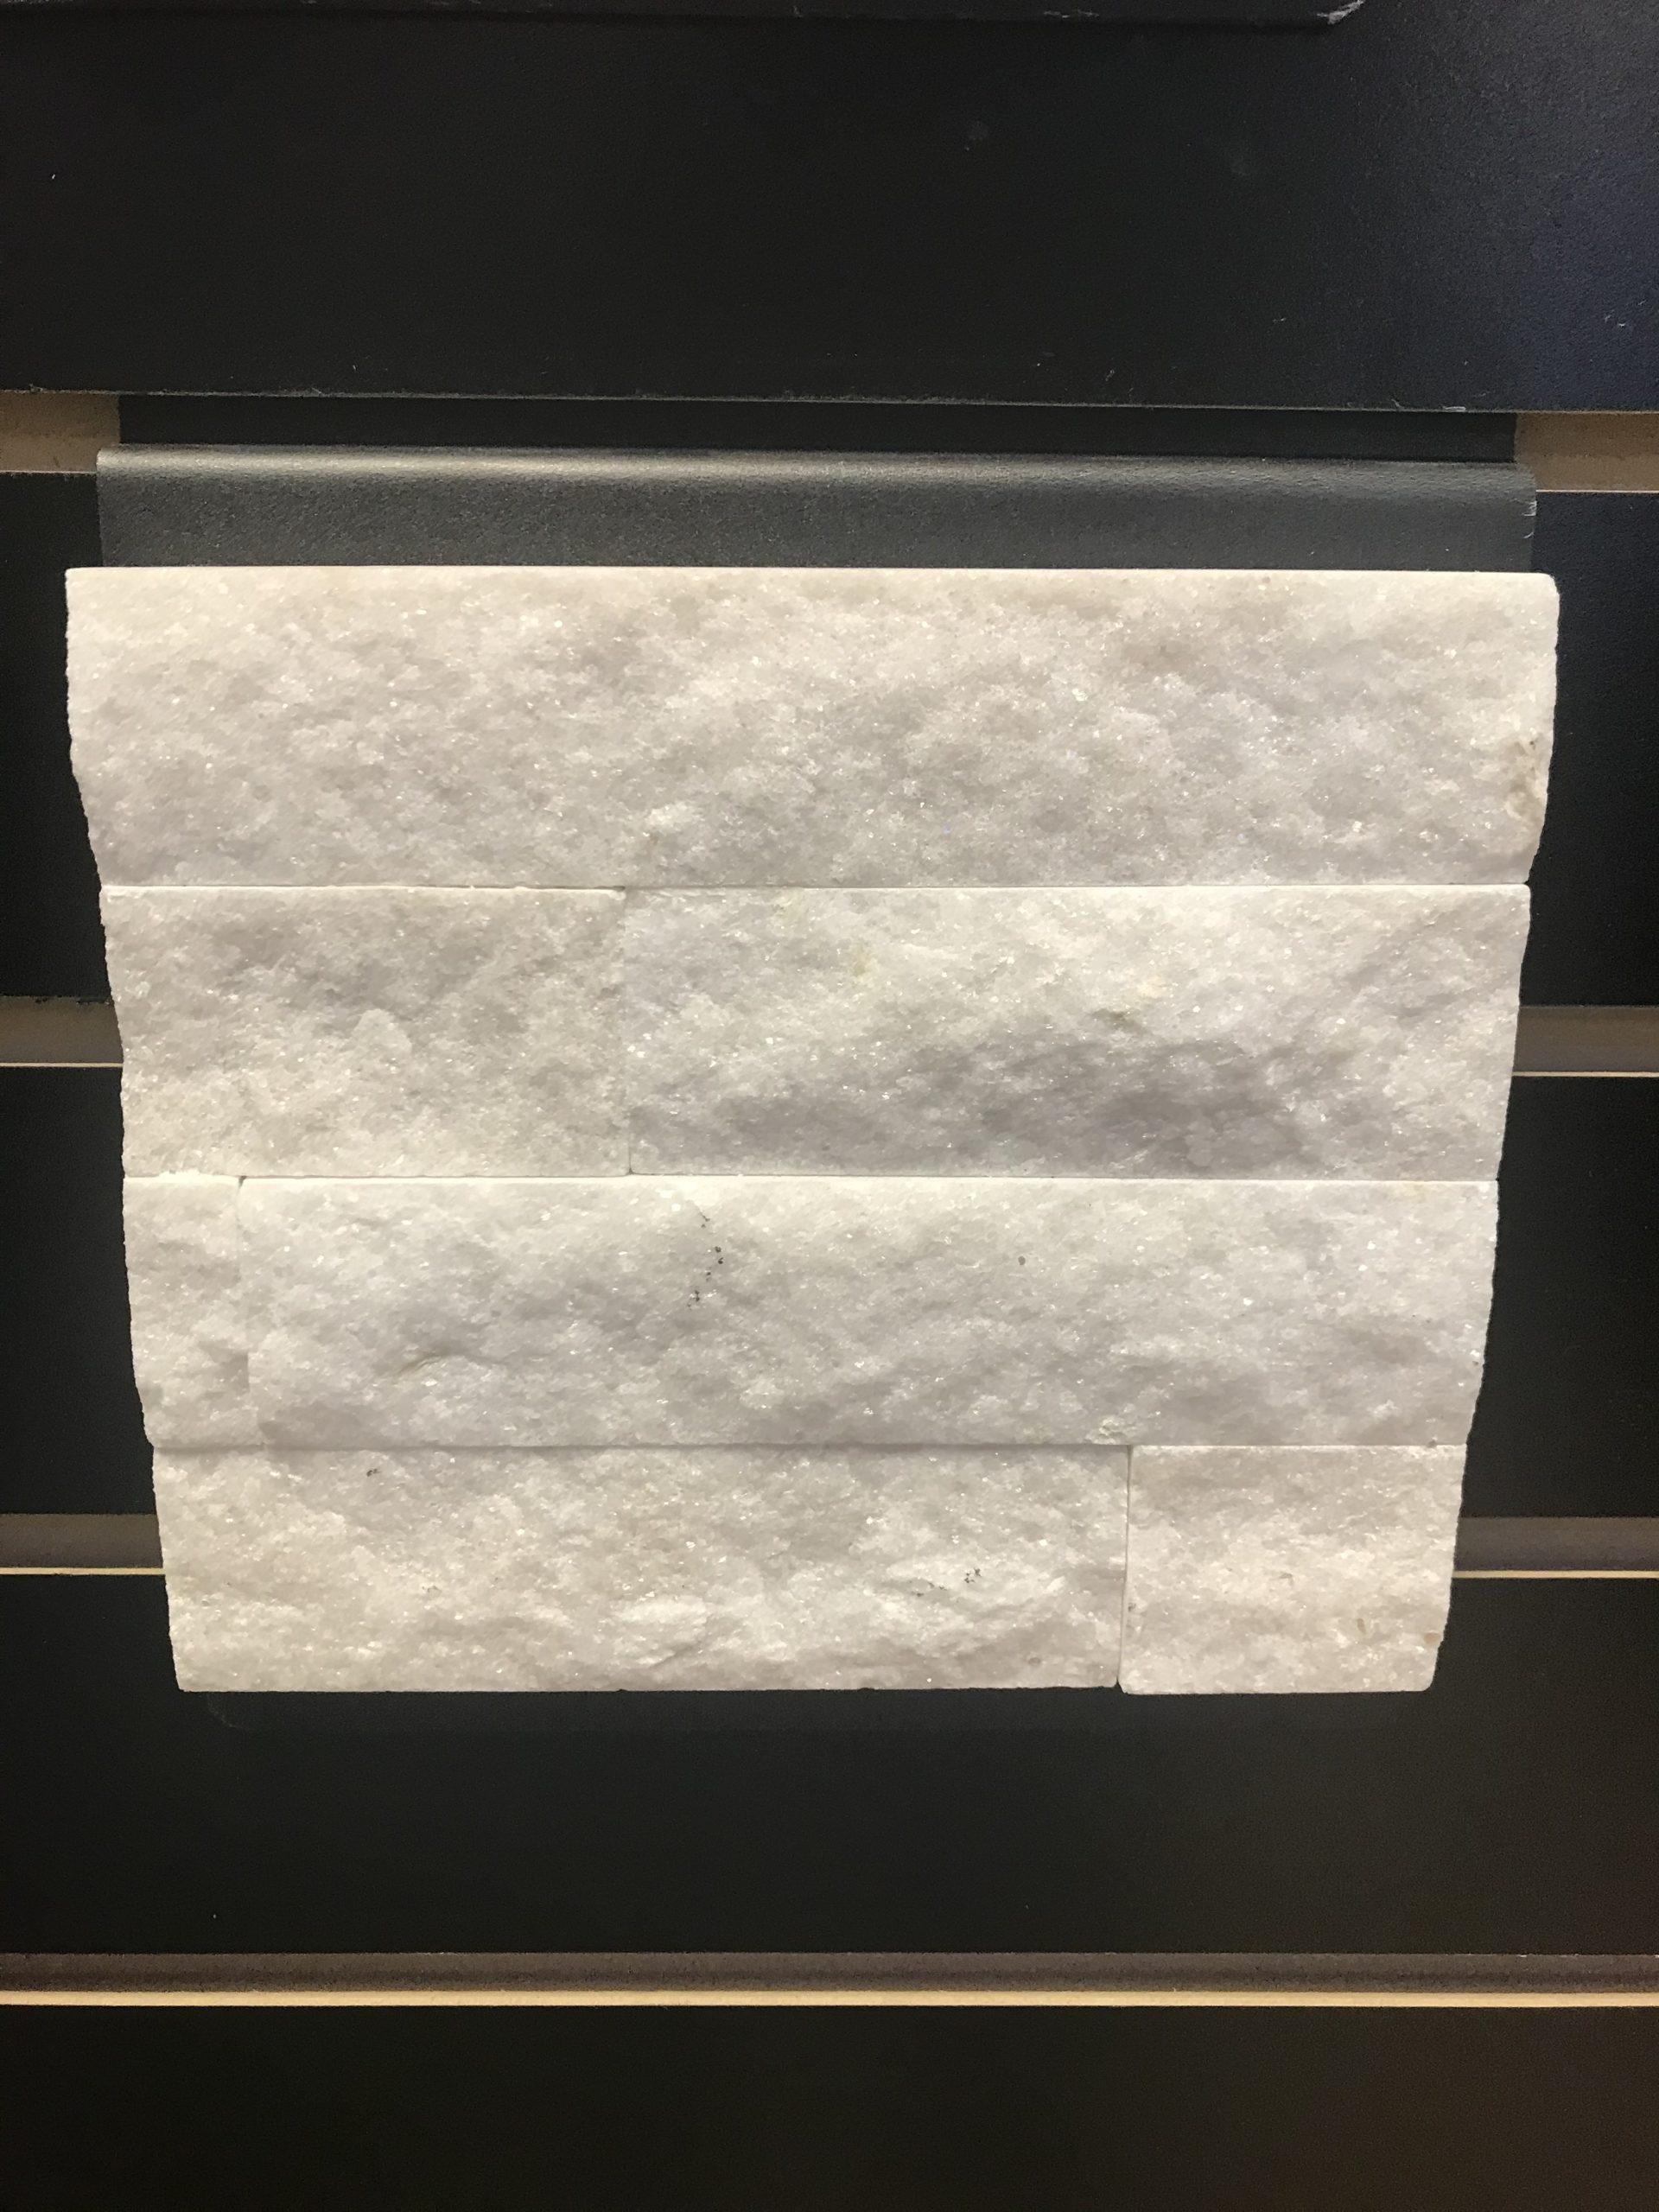 Arctic White Panel Stone